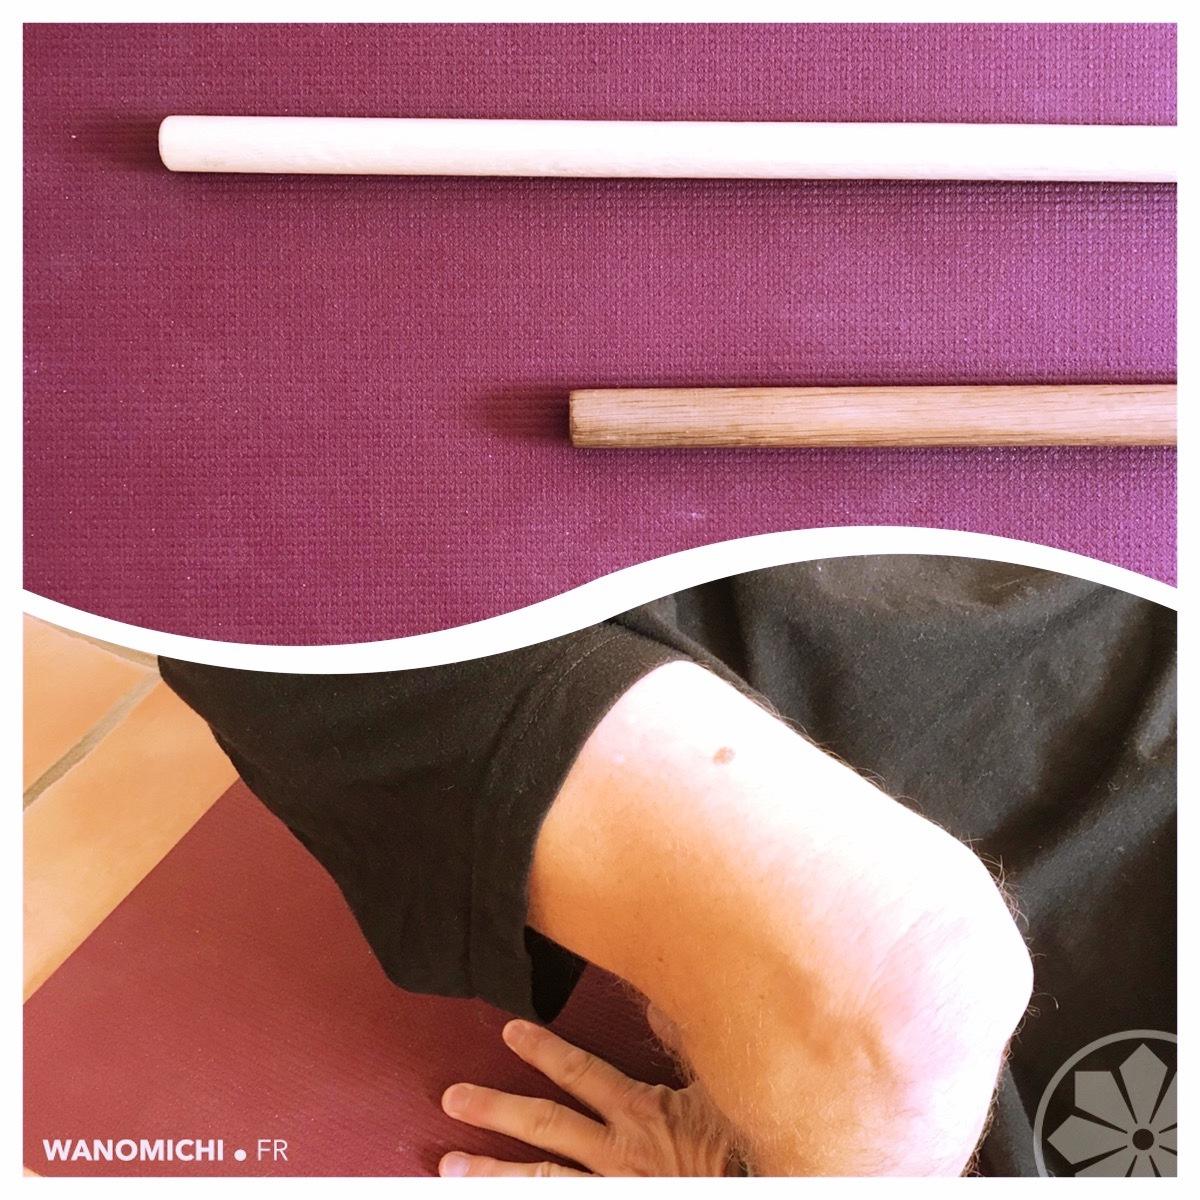 Entrainements en ligne - Aikido et Tonicité/Souplesse -